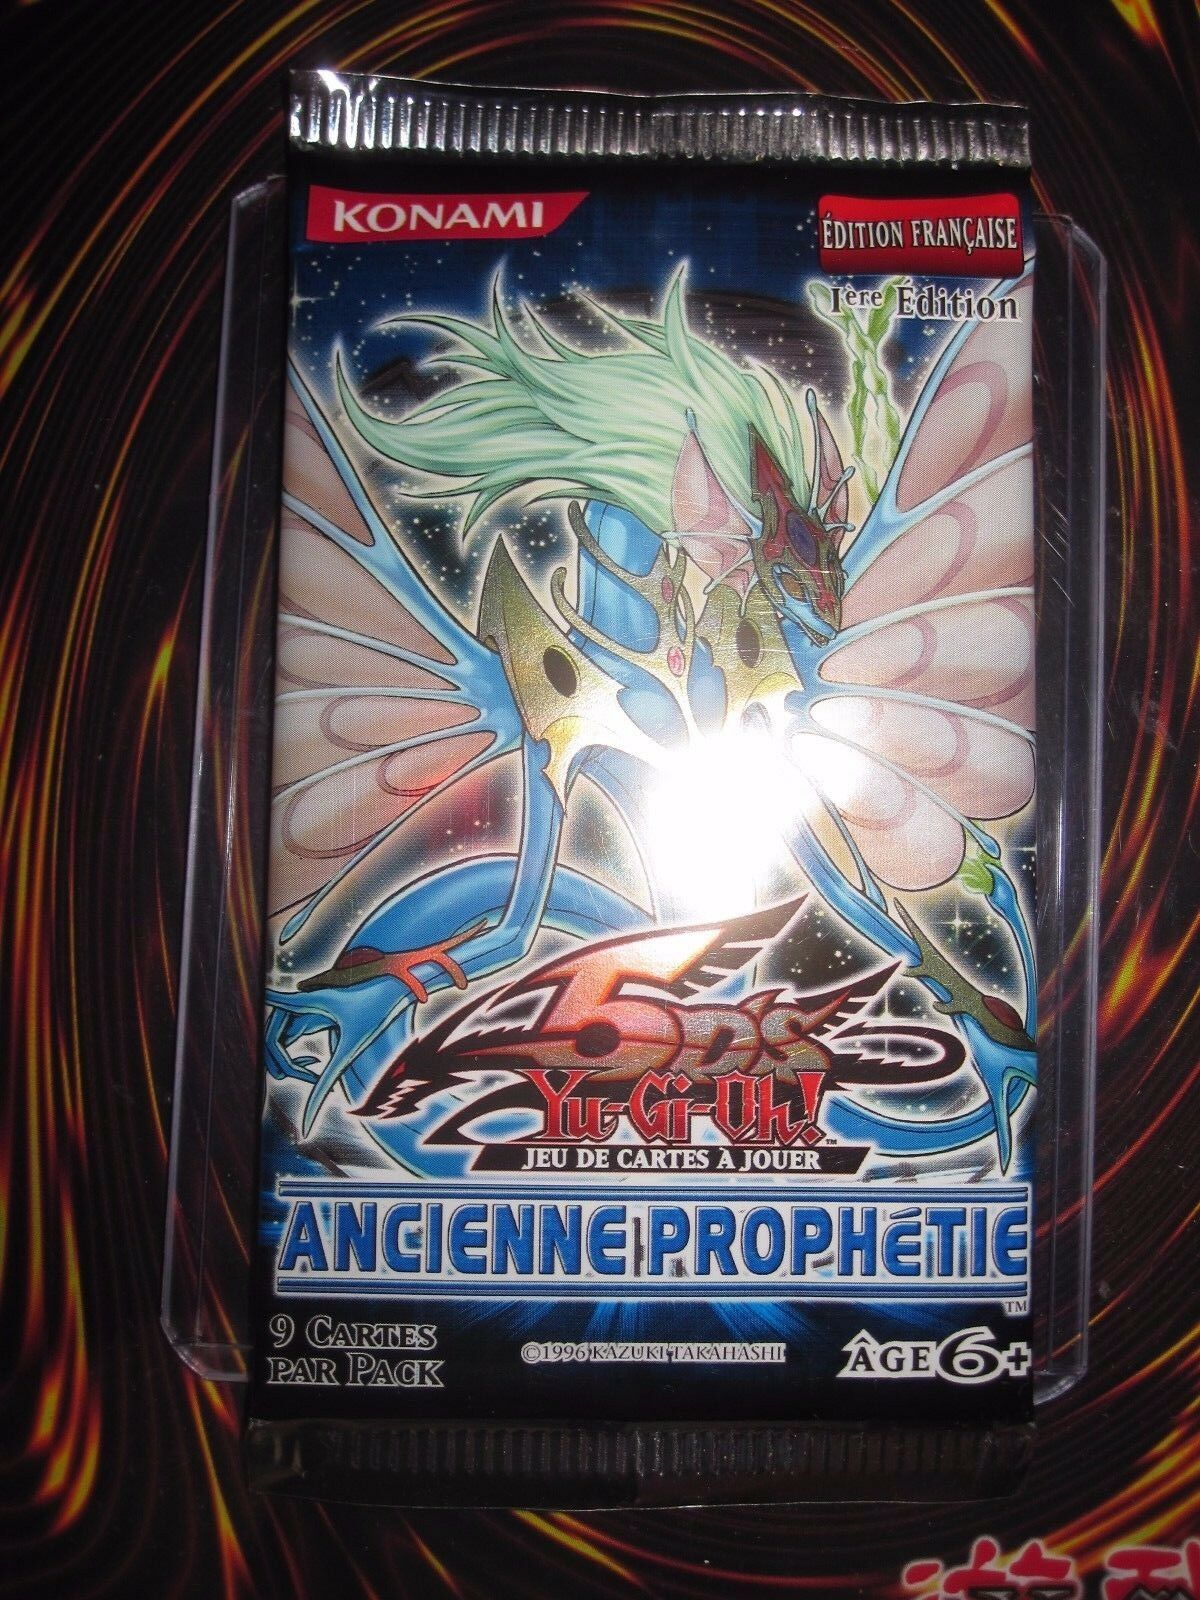 YU-GI-OH  INTROUVABLE BOOSTER 9 CARTES ANCIENNE PROPHETIE 1 ère EDITION FRANCAIS